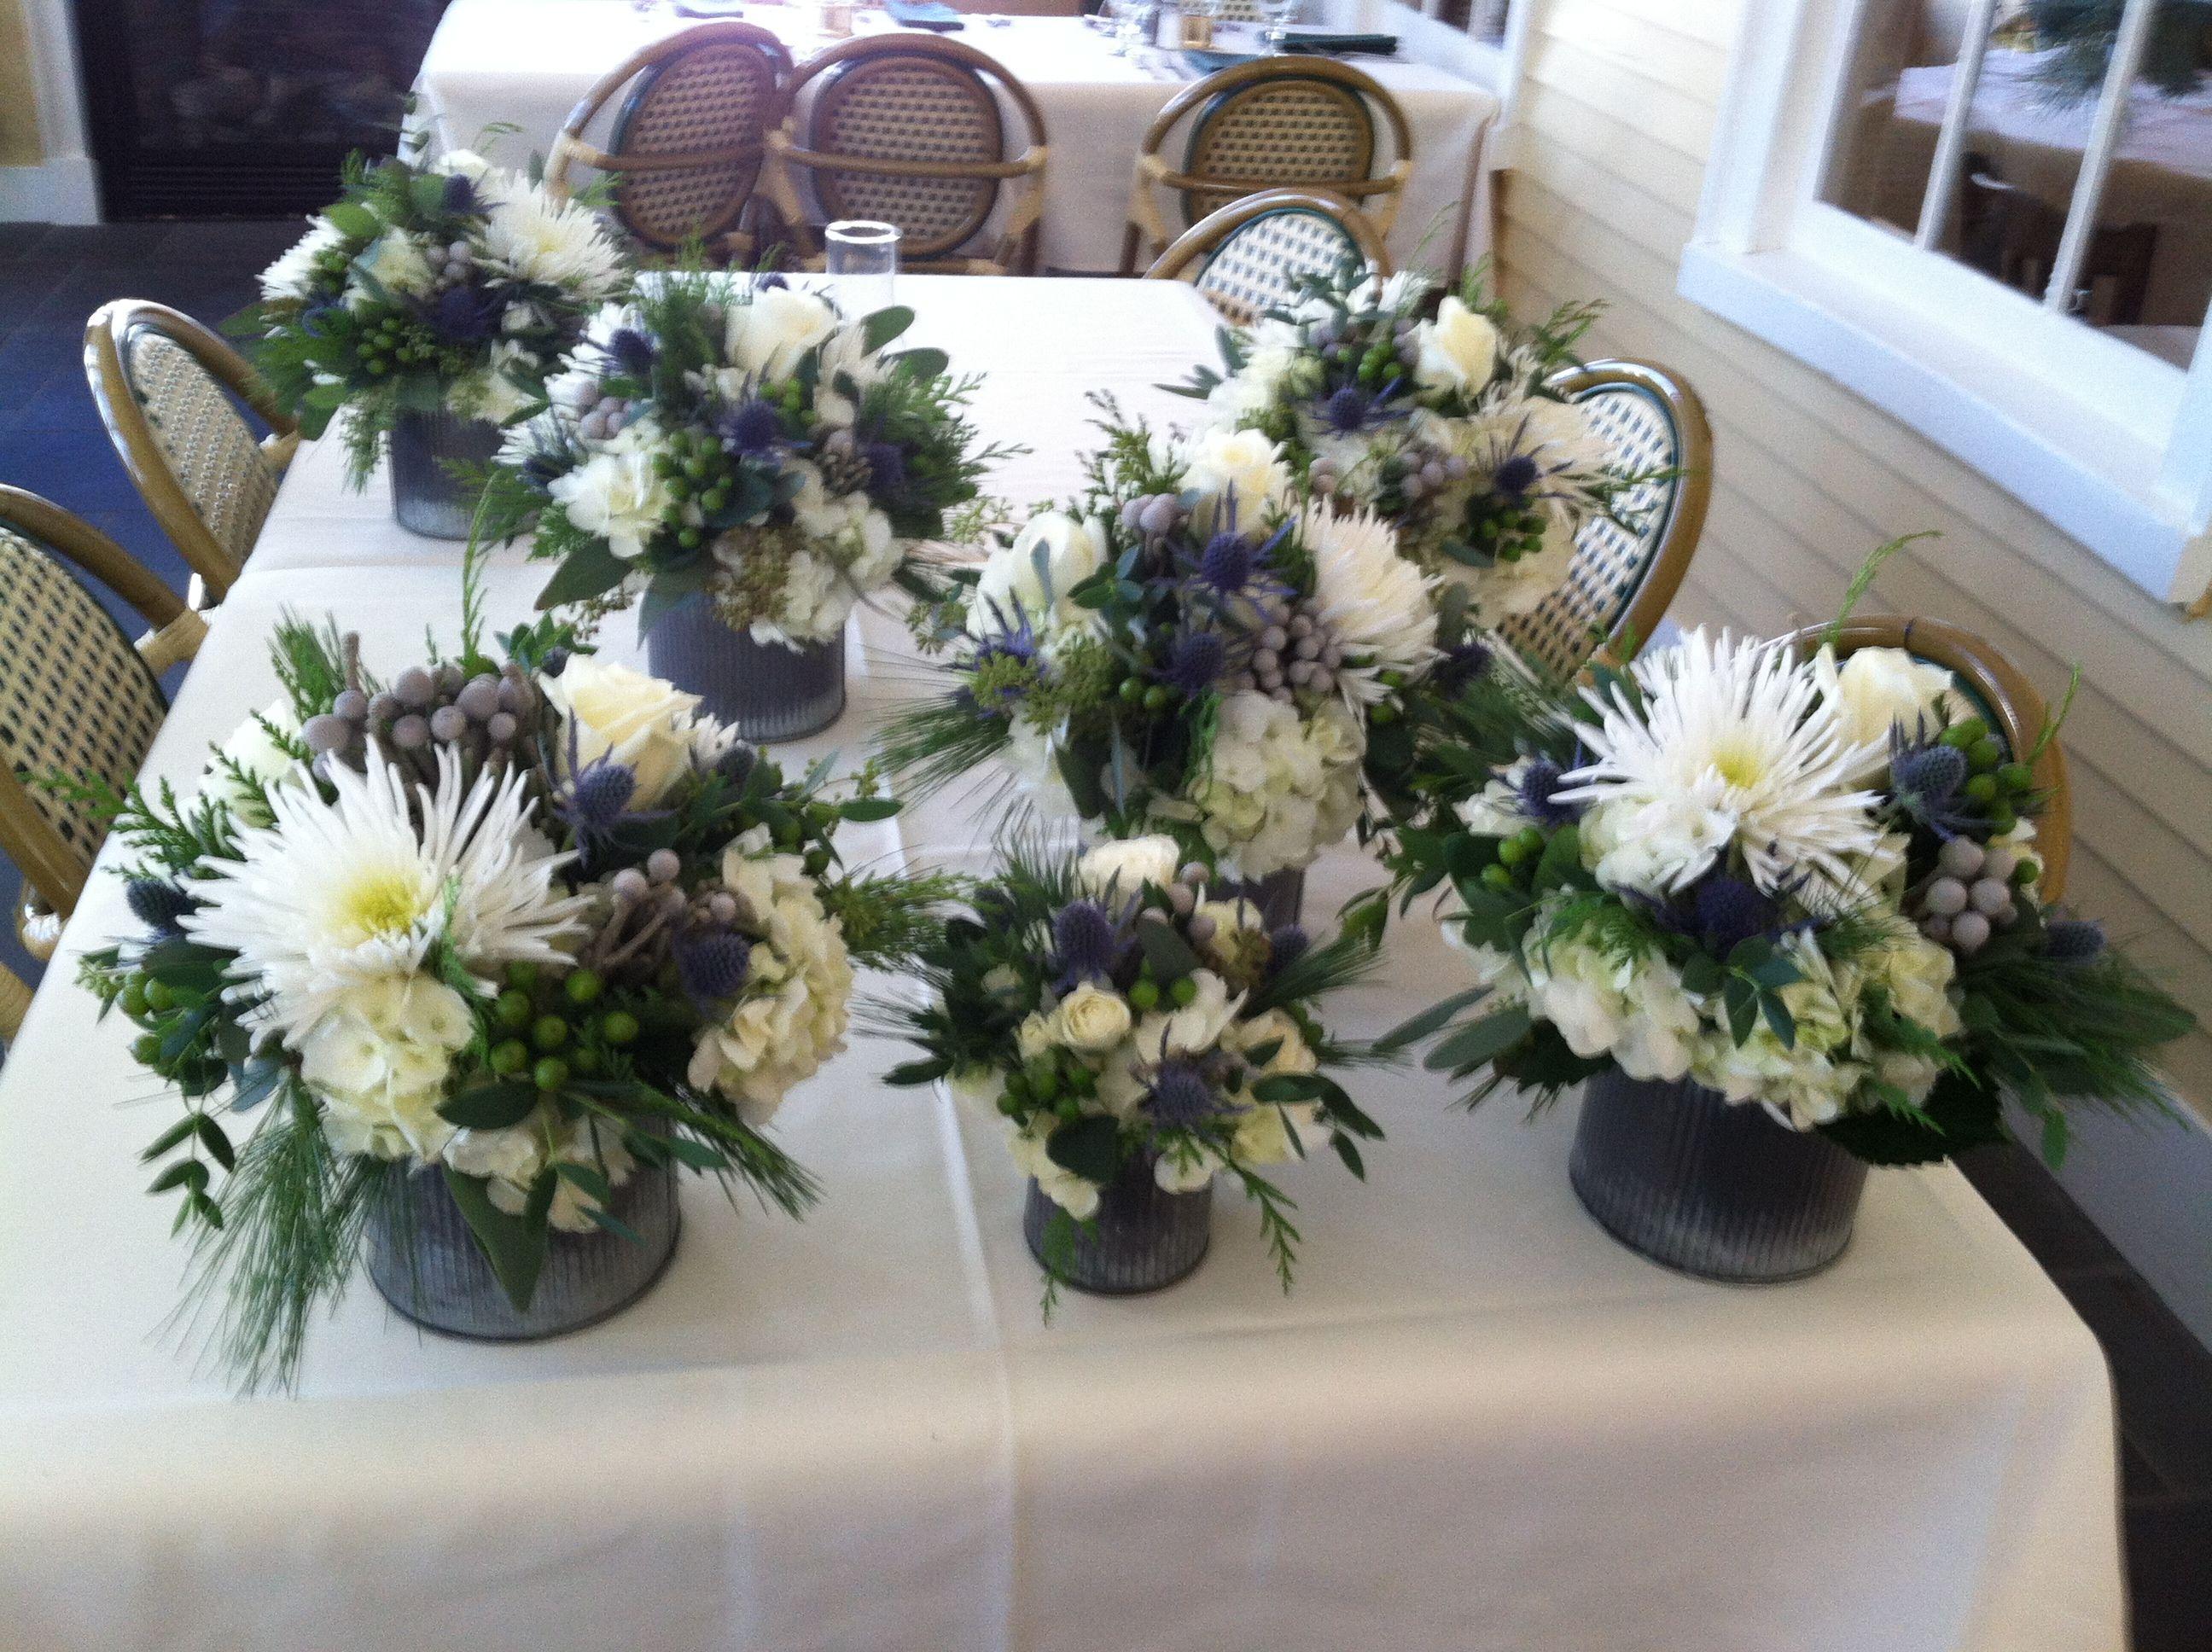 Winter wedding centerpieces white hydrangeas